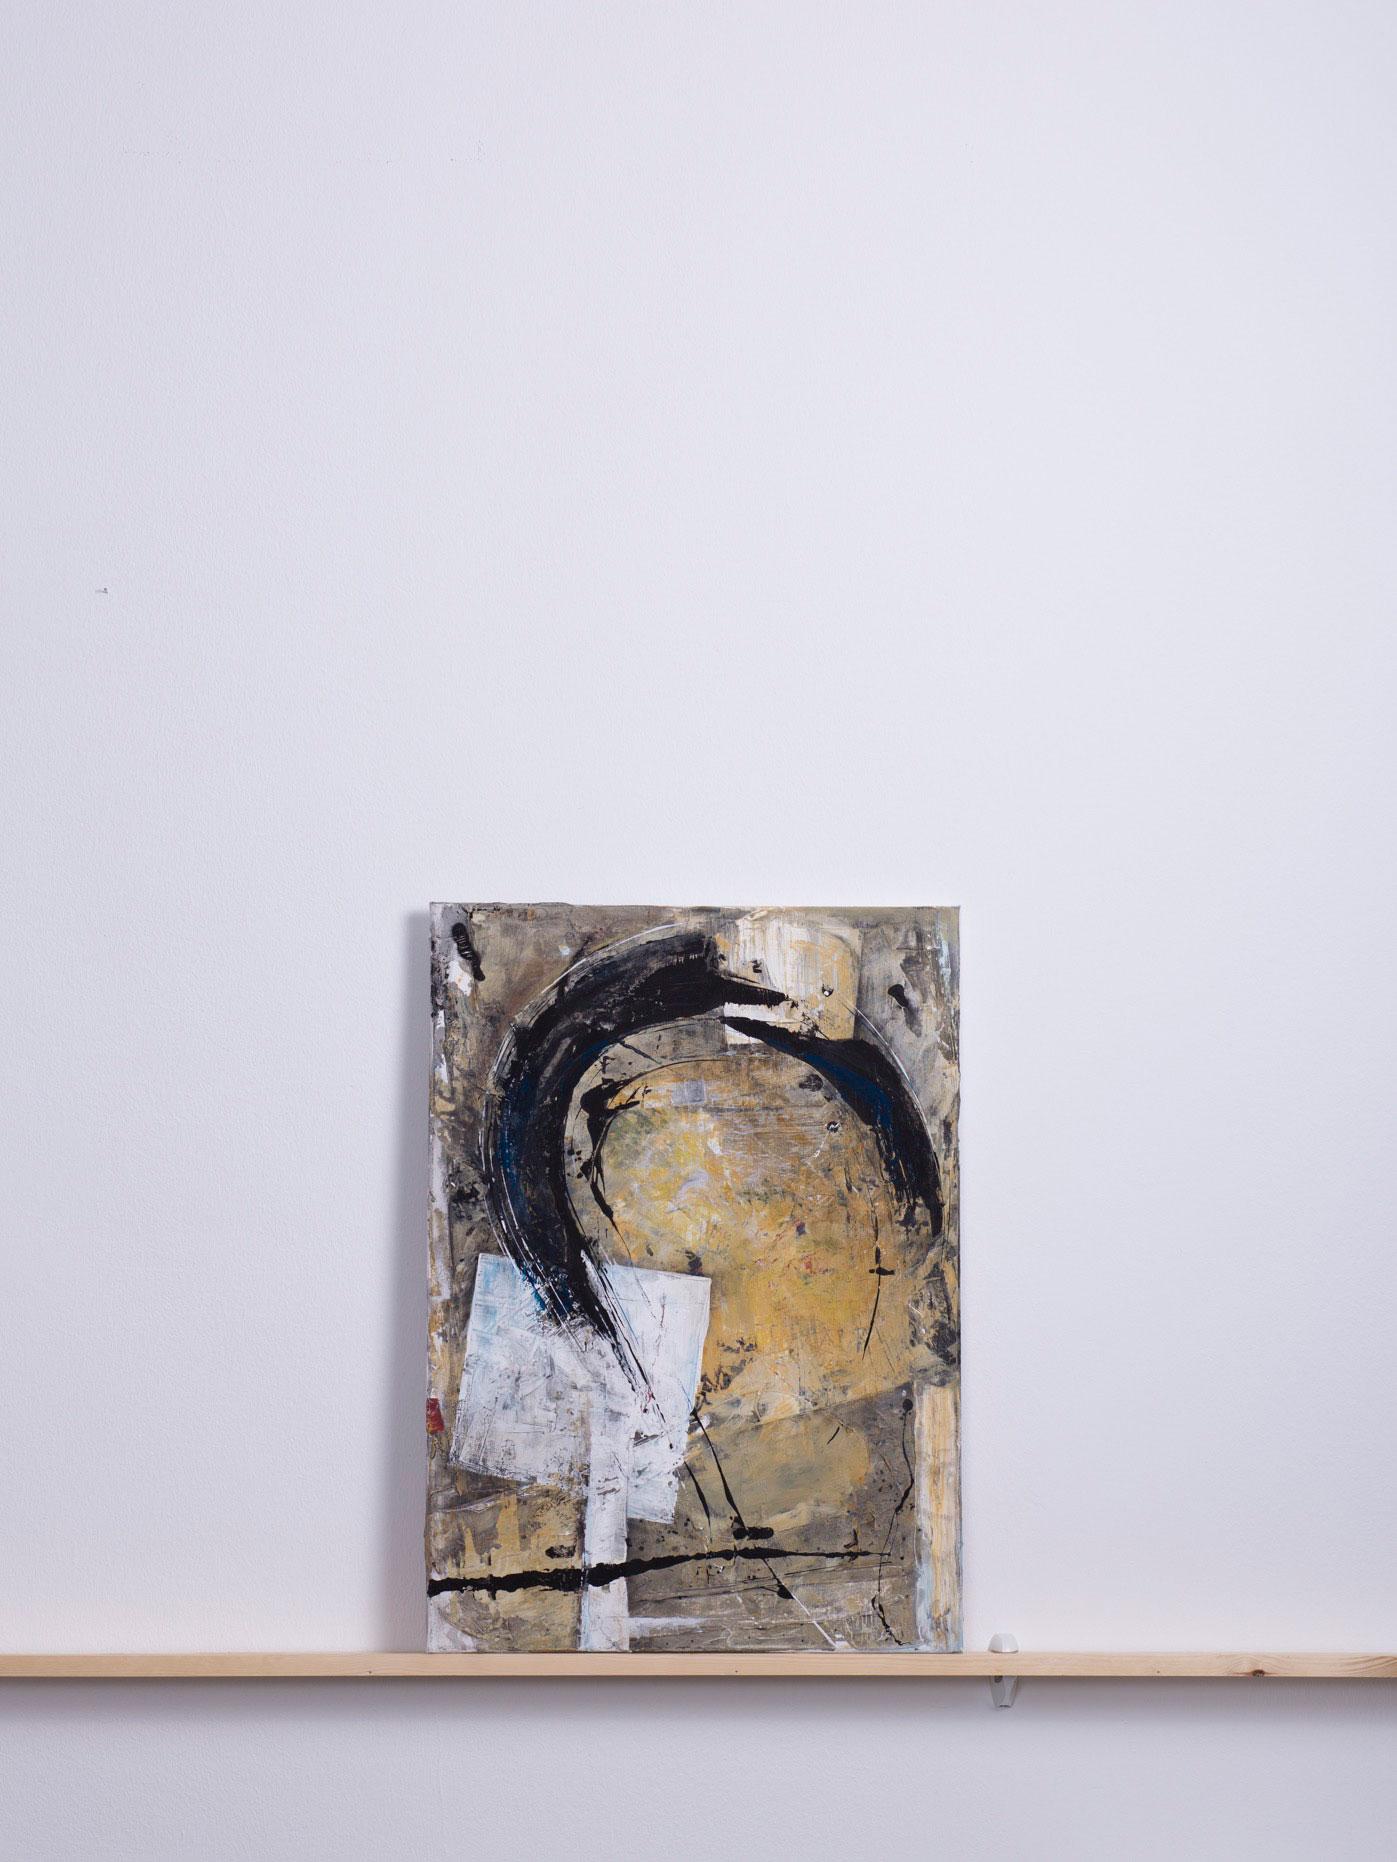 Celinette, 2005 - 50x70 cm, Acryl auf Leinwand